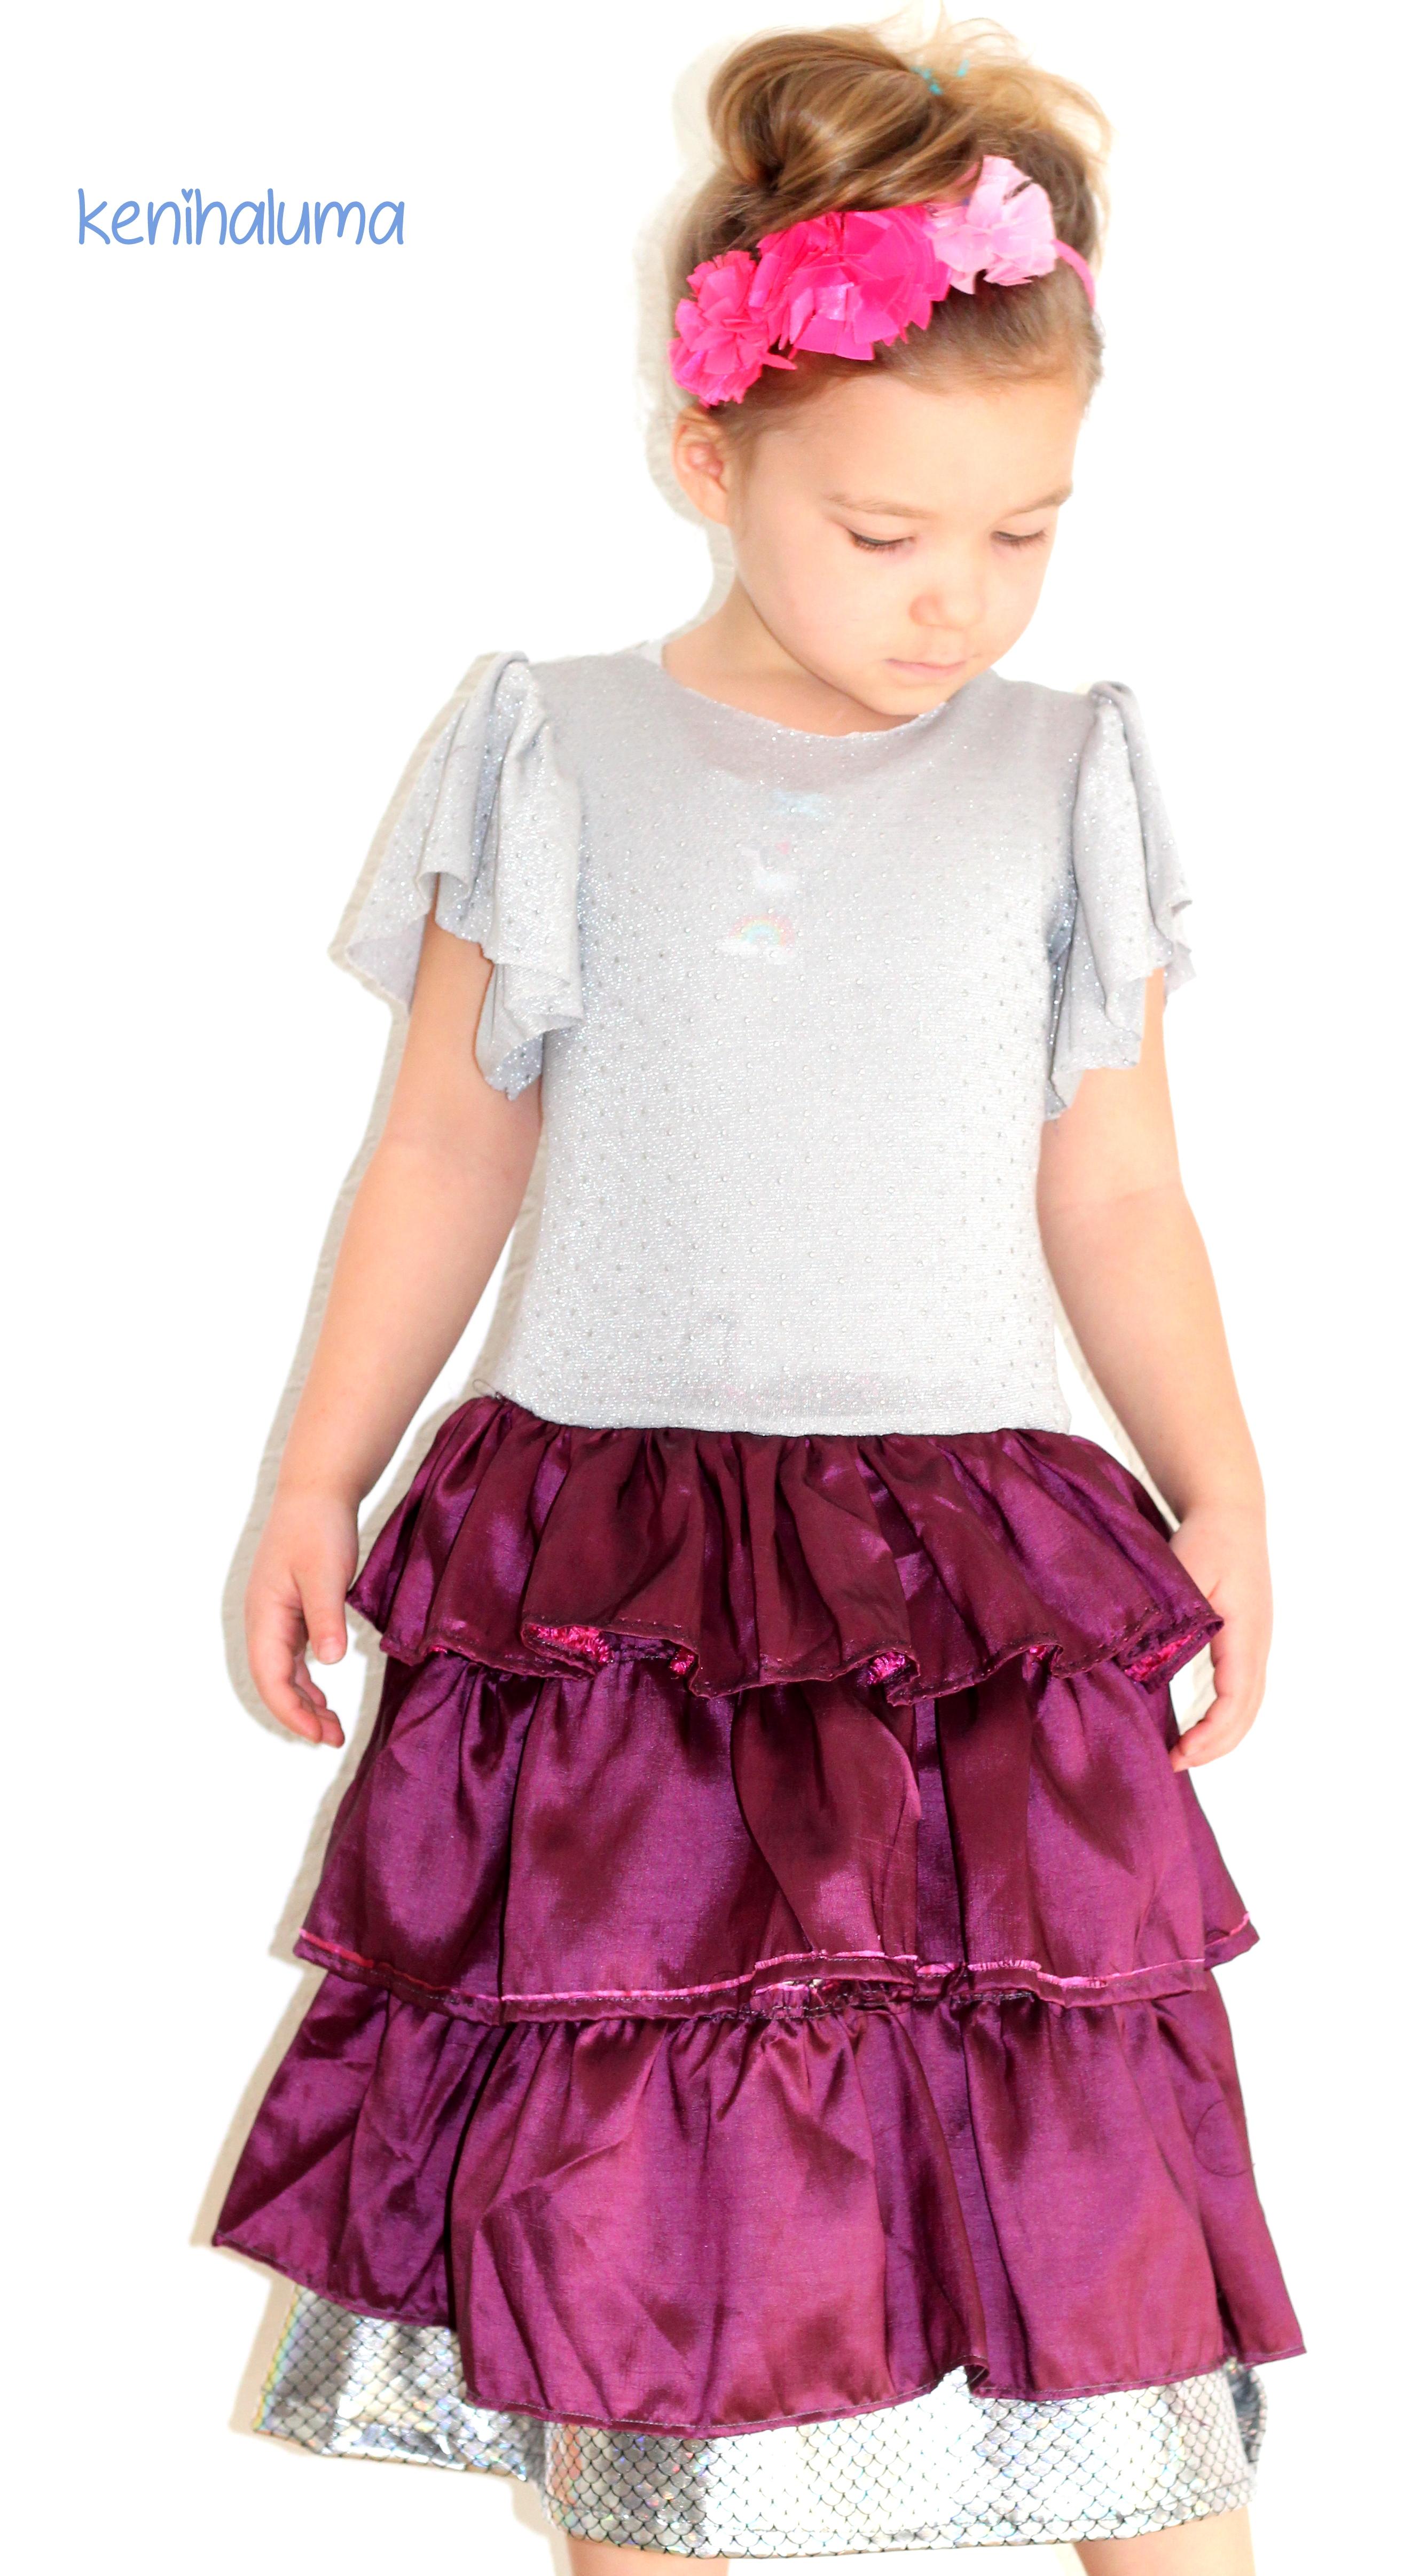 Prinzessin-Kleid nähen mit Rüschen